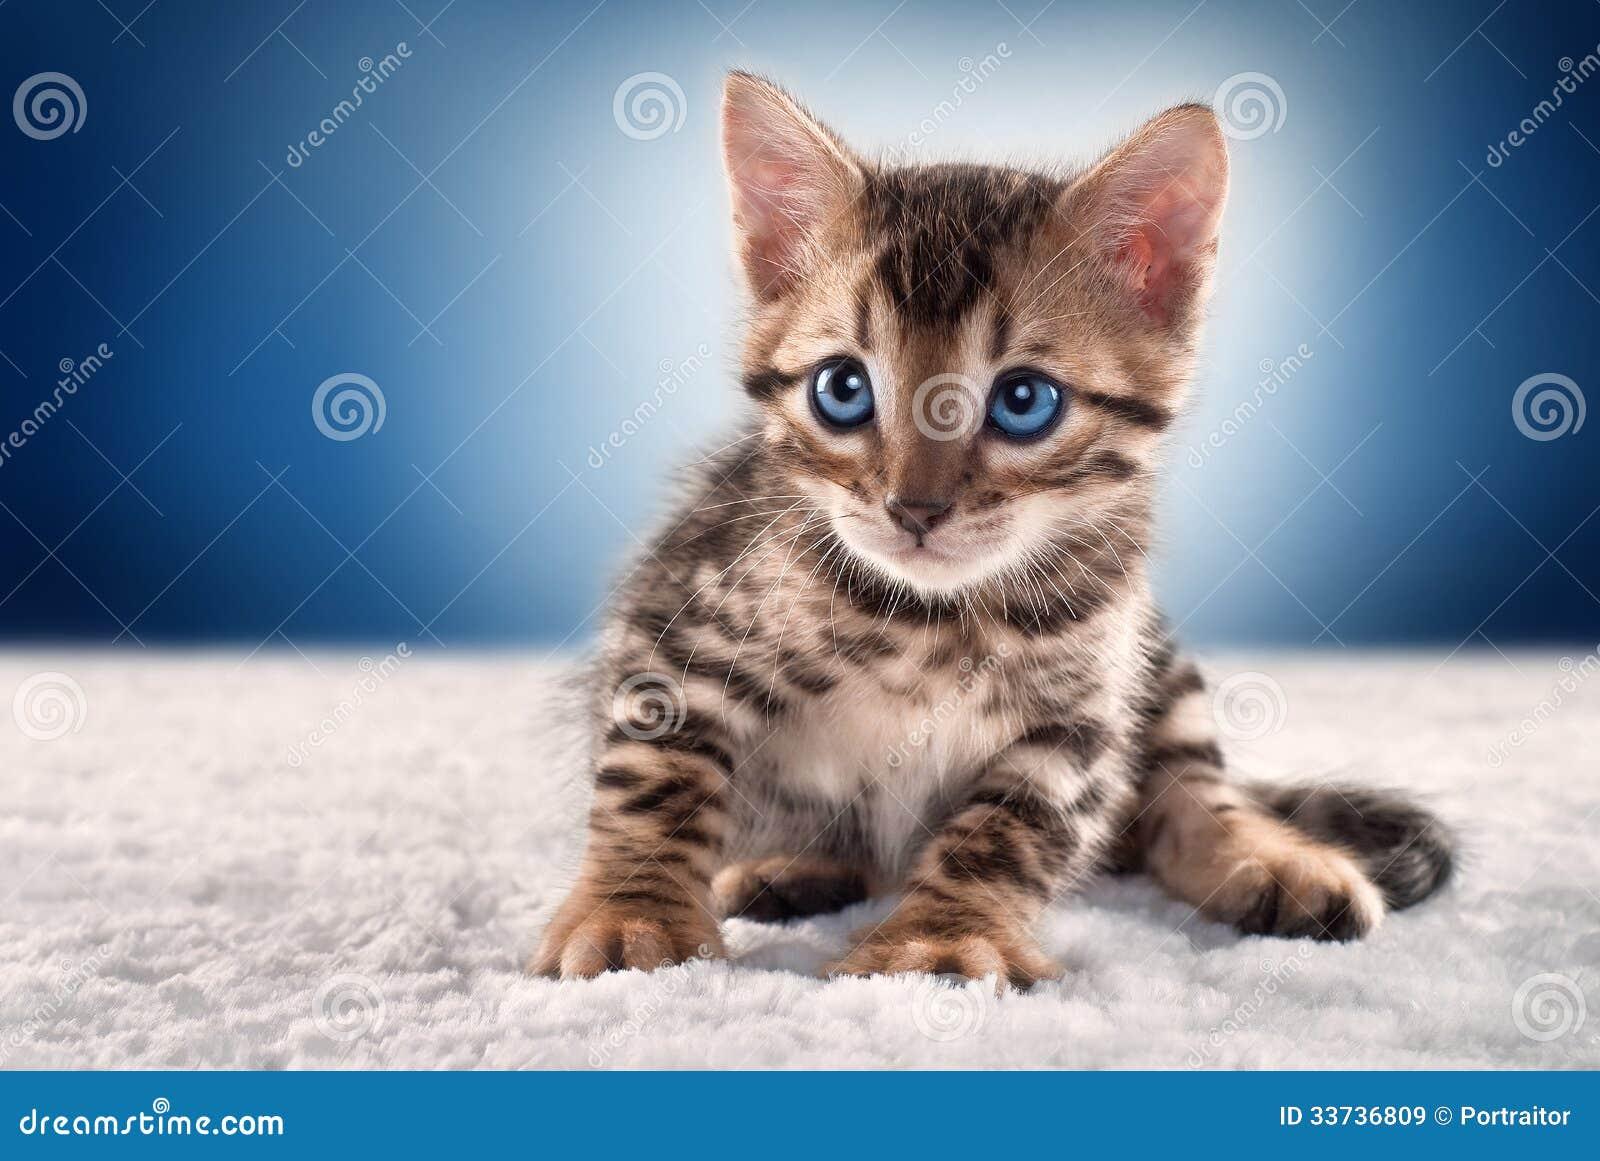 Bengal-Kätzchen auf blauem Hintergrund